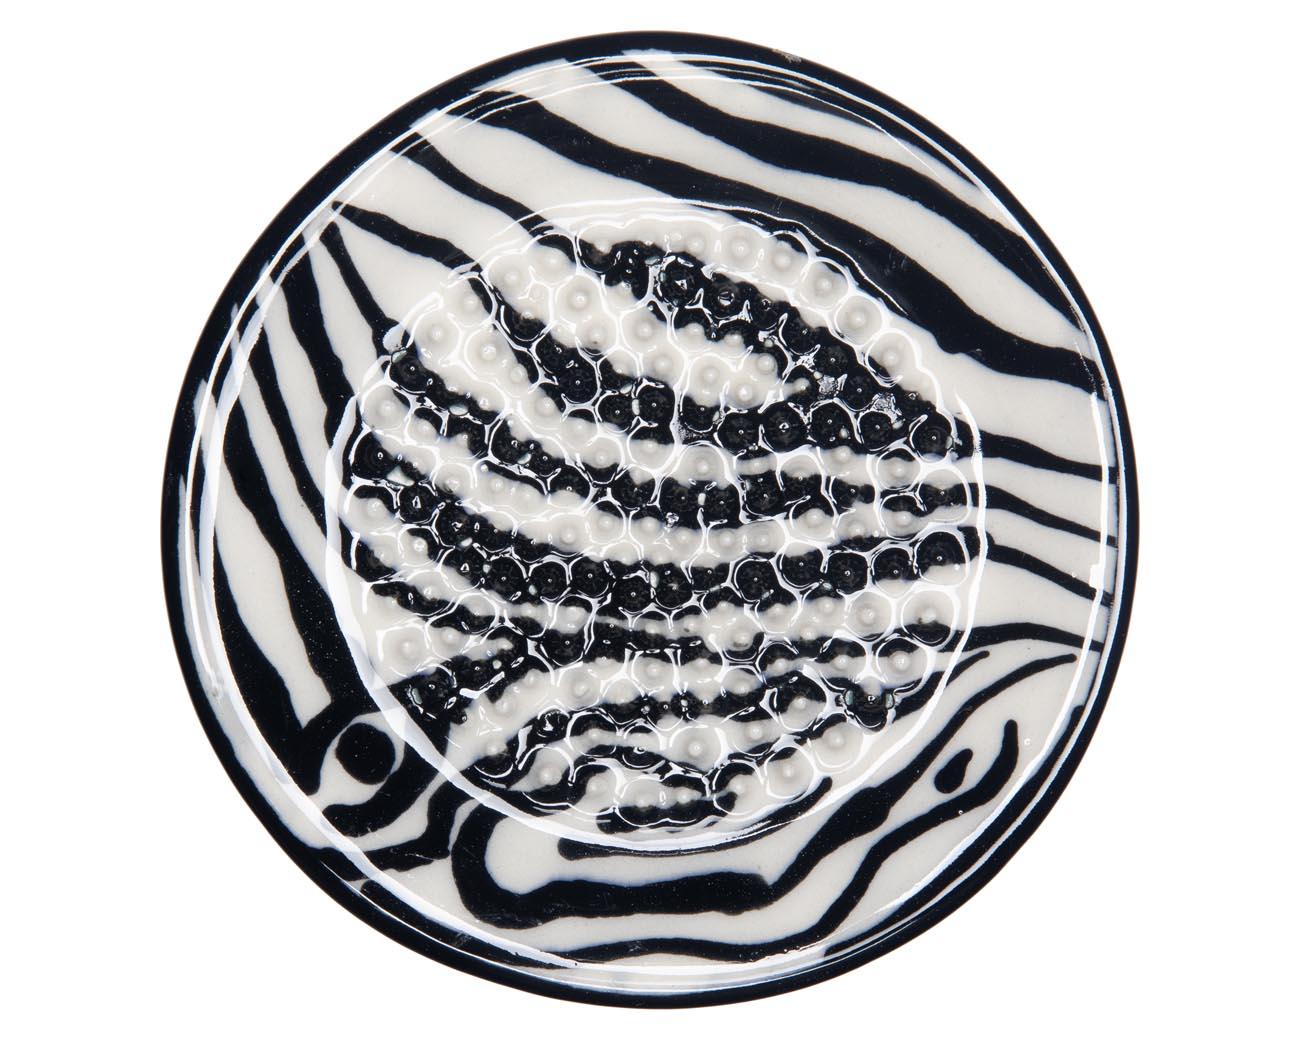 Keramikreibe - Zebra